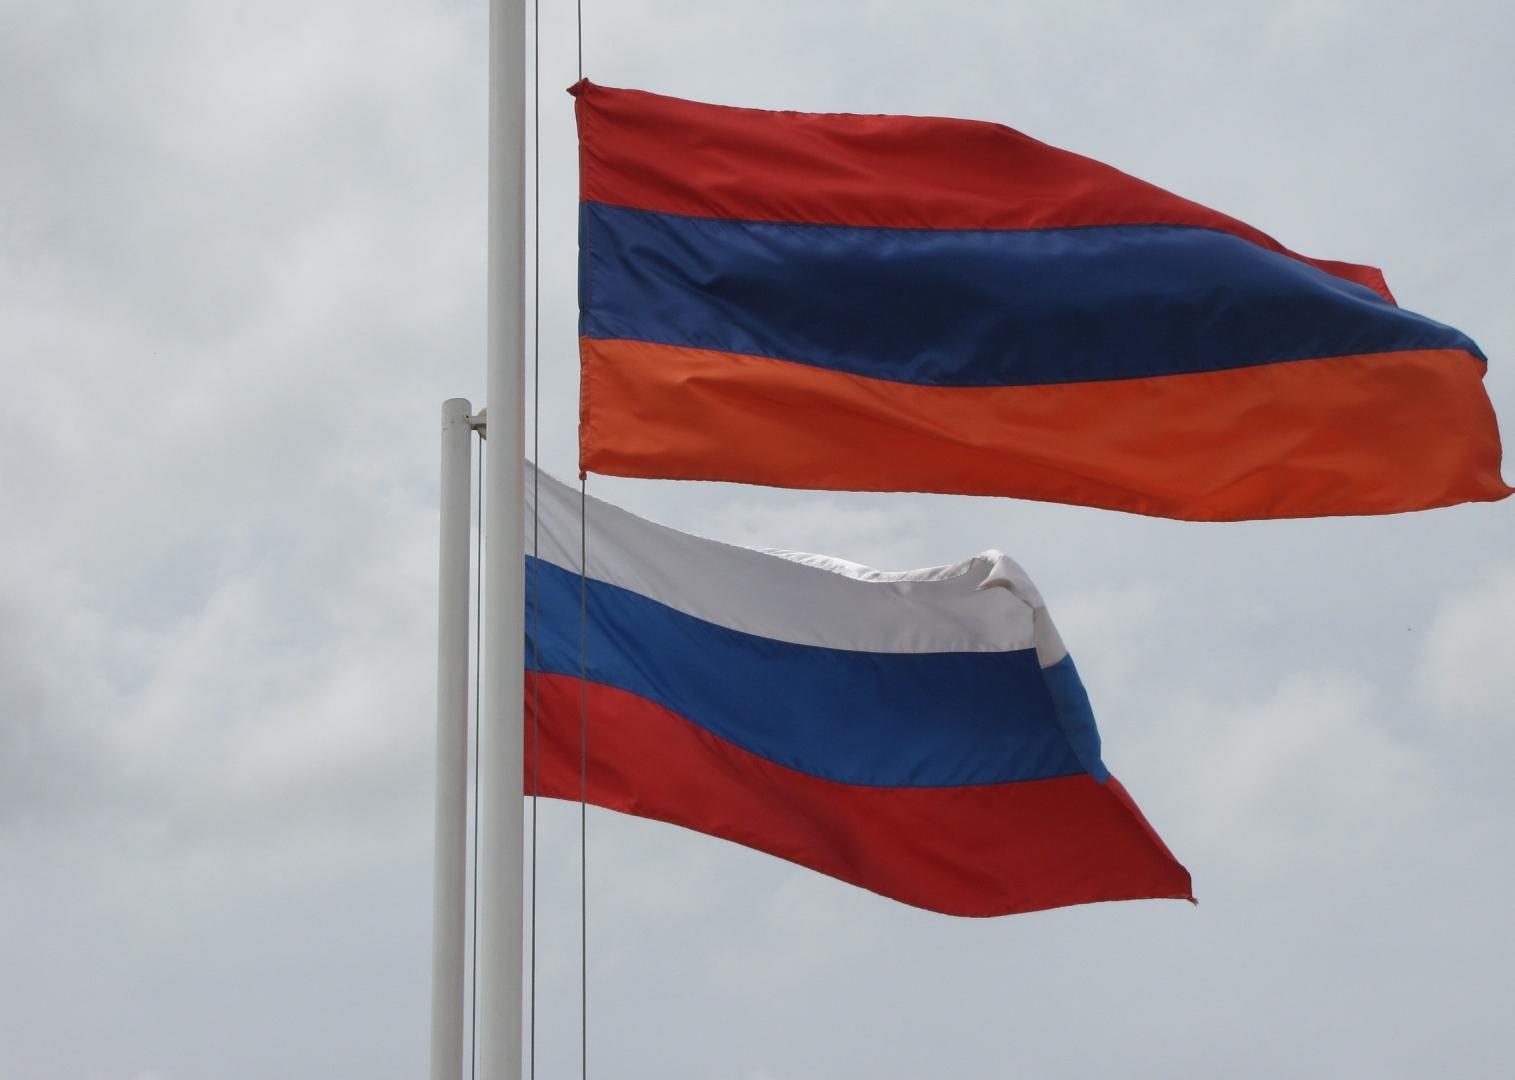 Стратегический союз с Россией был и остаётся гарантией безопасности Армении